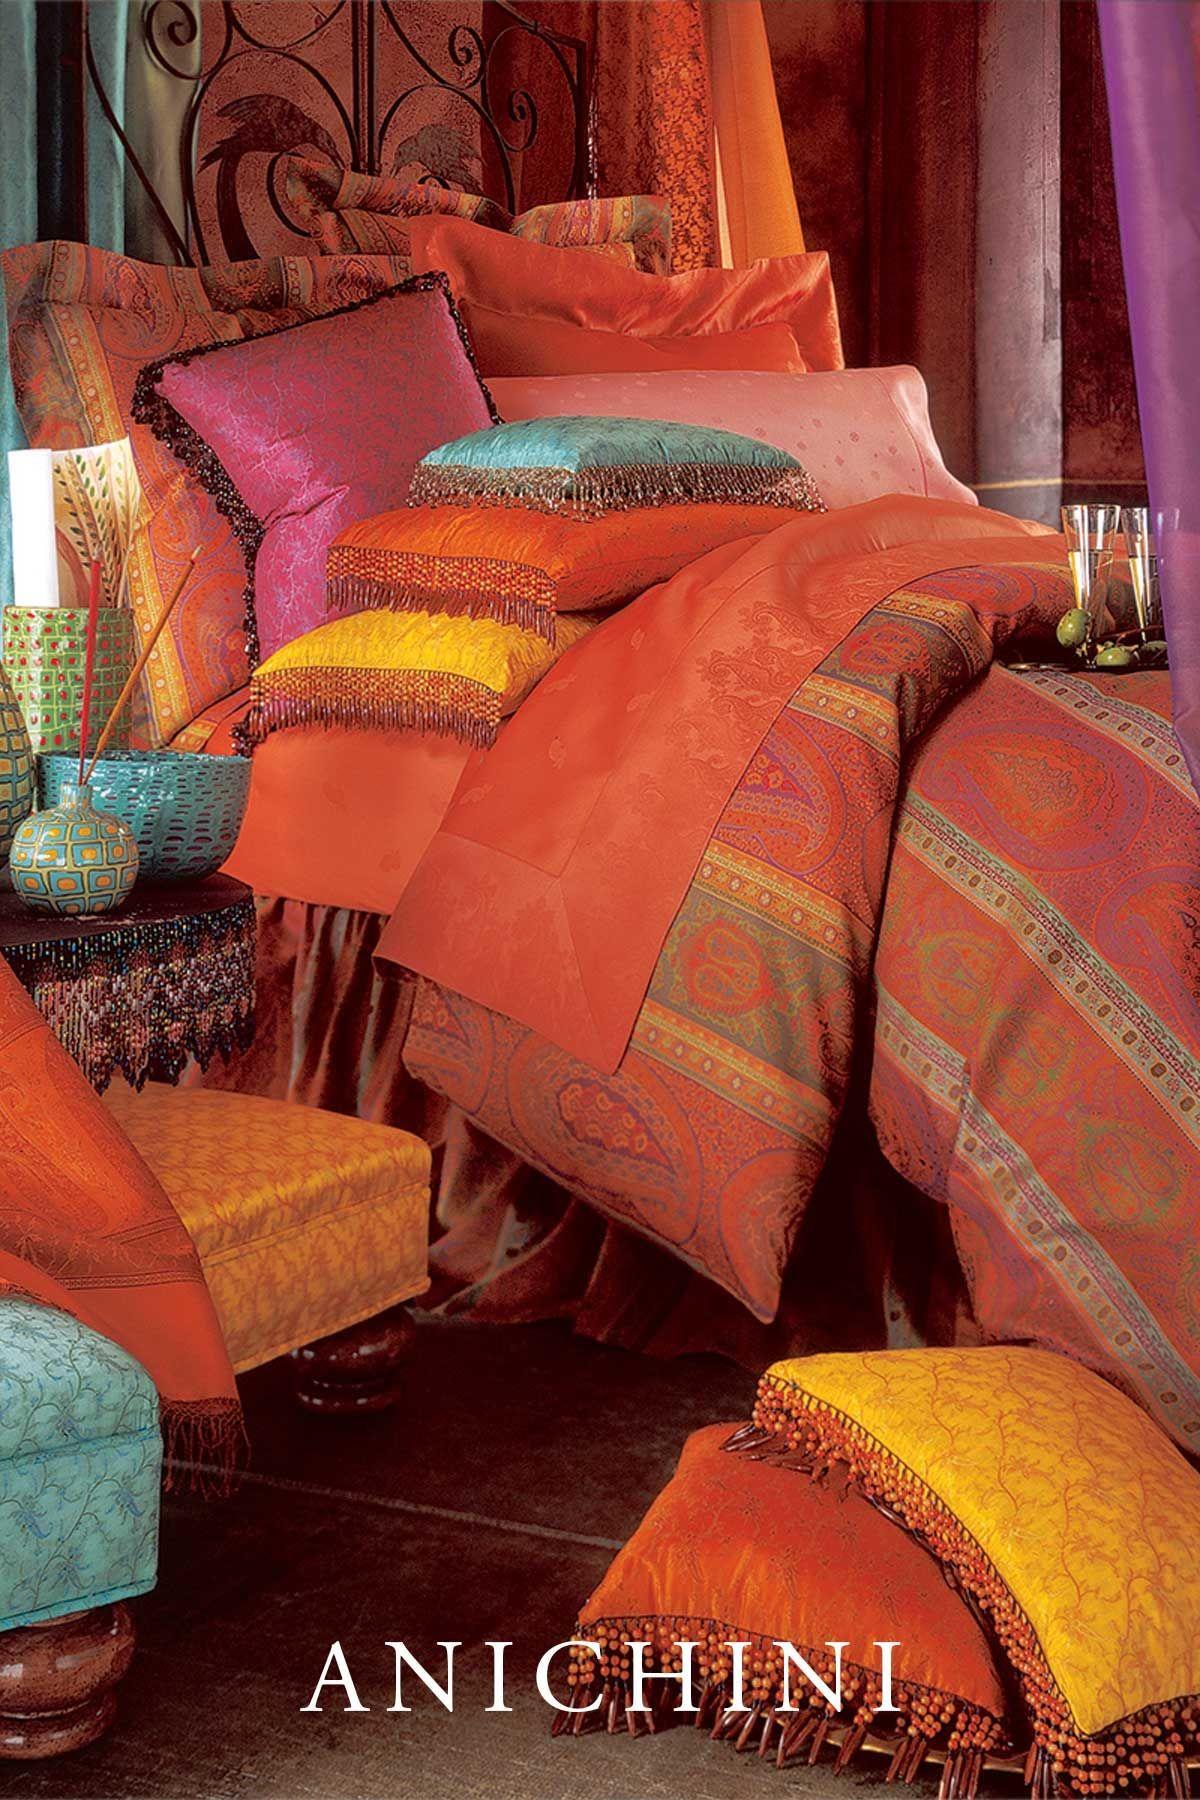 ANICHINI Taj Paisley Jacquard Bedding & Duvet Covers in